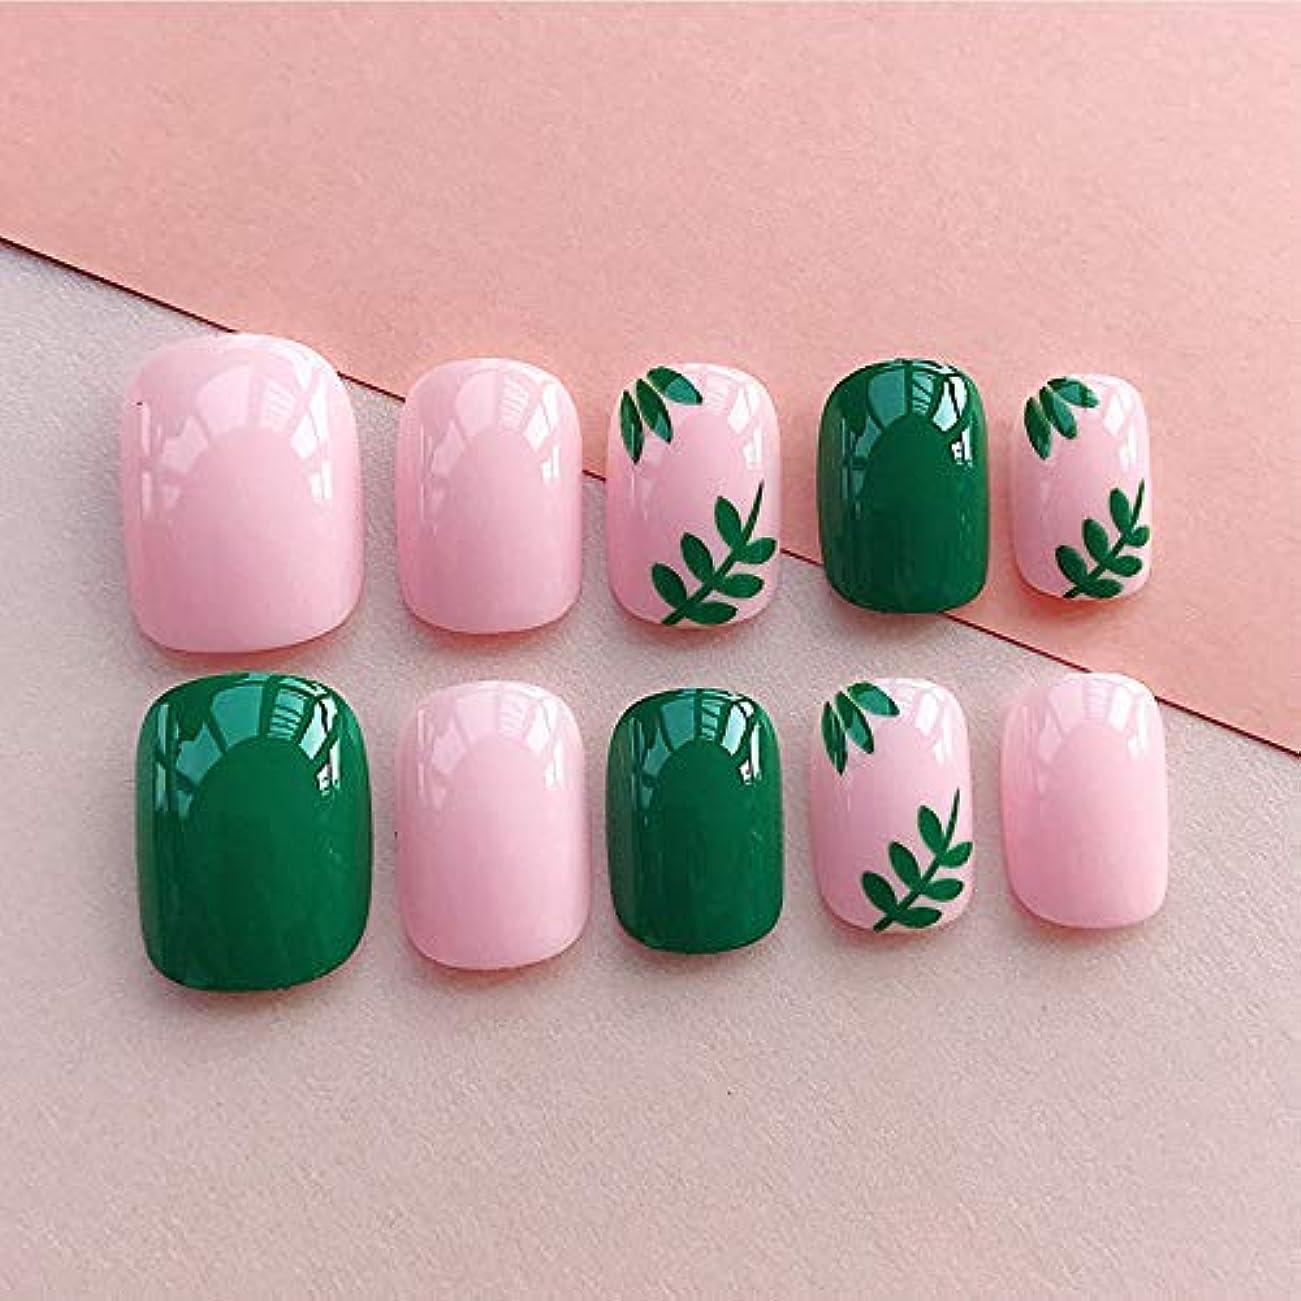 ゴシップコンベンション森LIARTY ネイルチップ 夏の ピンク 緑の葉 優雅 短い 四角形 フルカバー 24枚 12別サイズ つ